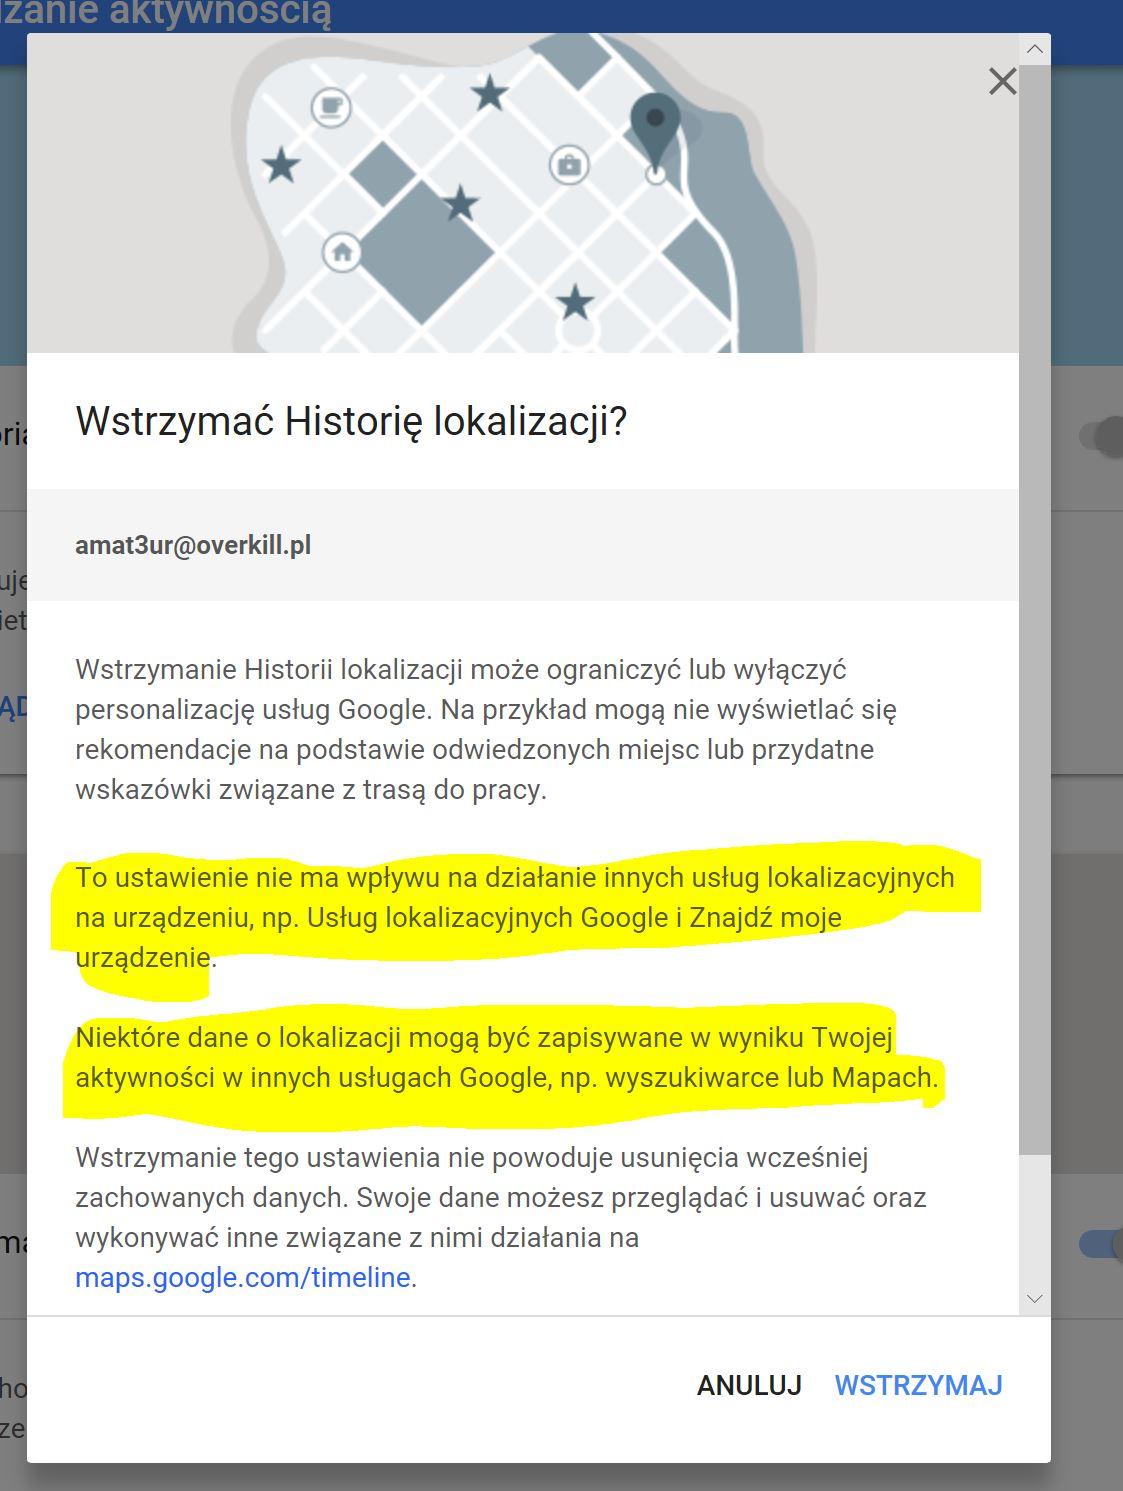 Google śledzi historię lokalizacji